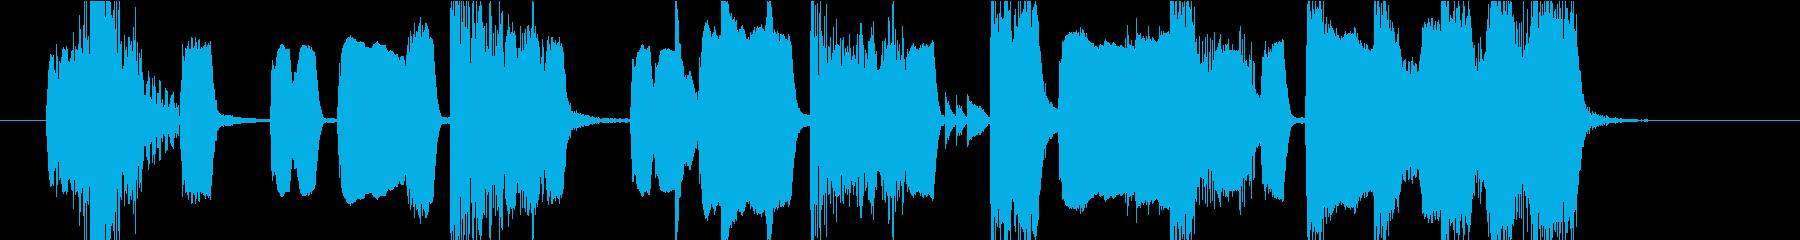 ピコピコ・可愛い・ジングルの再生済みの波形